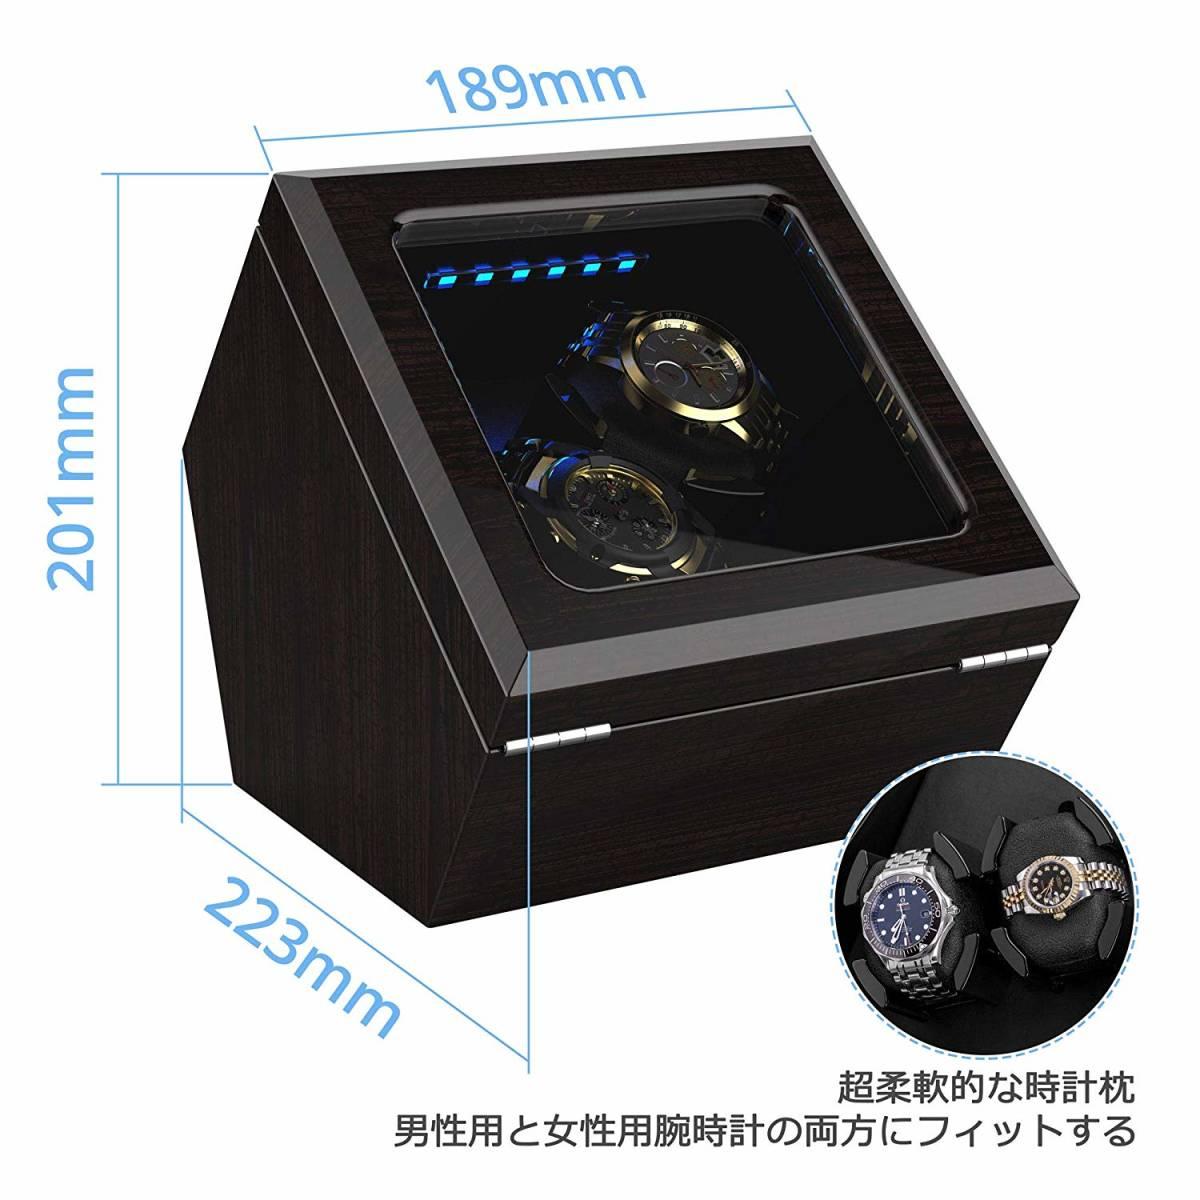 【新品・未使用】ワインディングマシーン 腕時計 自動巻き器 ウォッチワインダー2本巻き上げ LEDライト付 日本語説明書_画像7